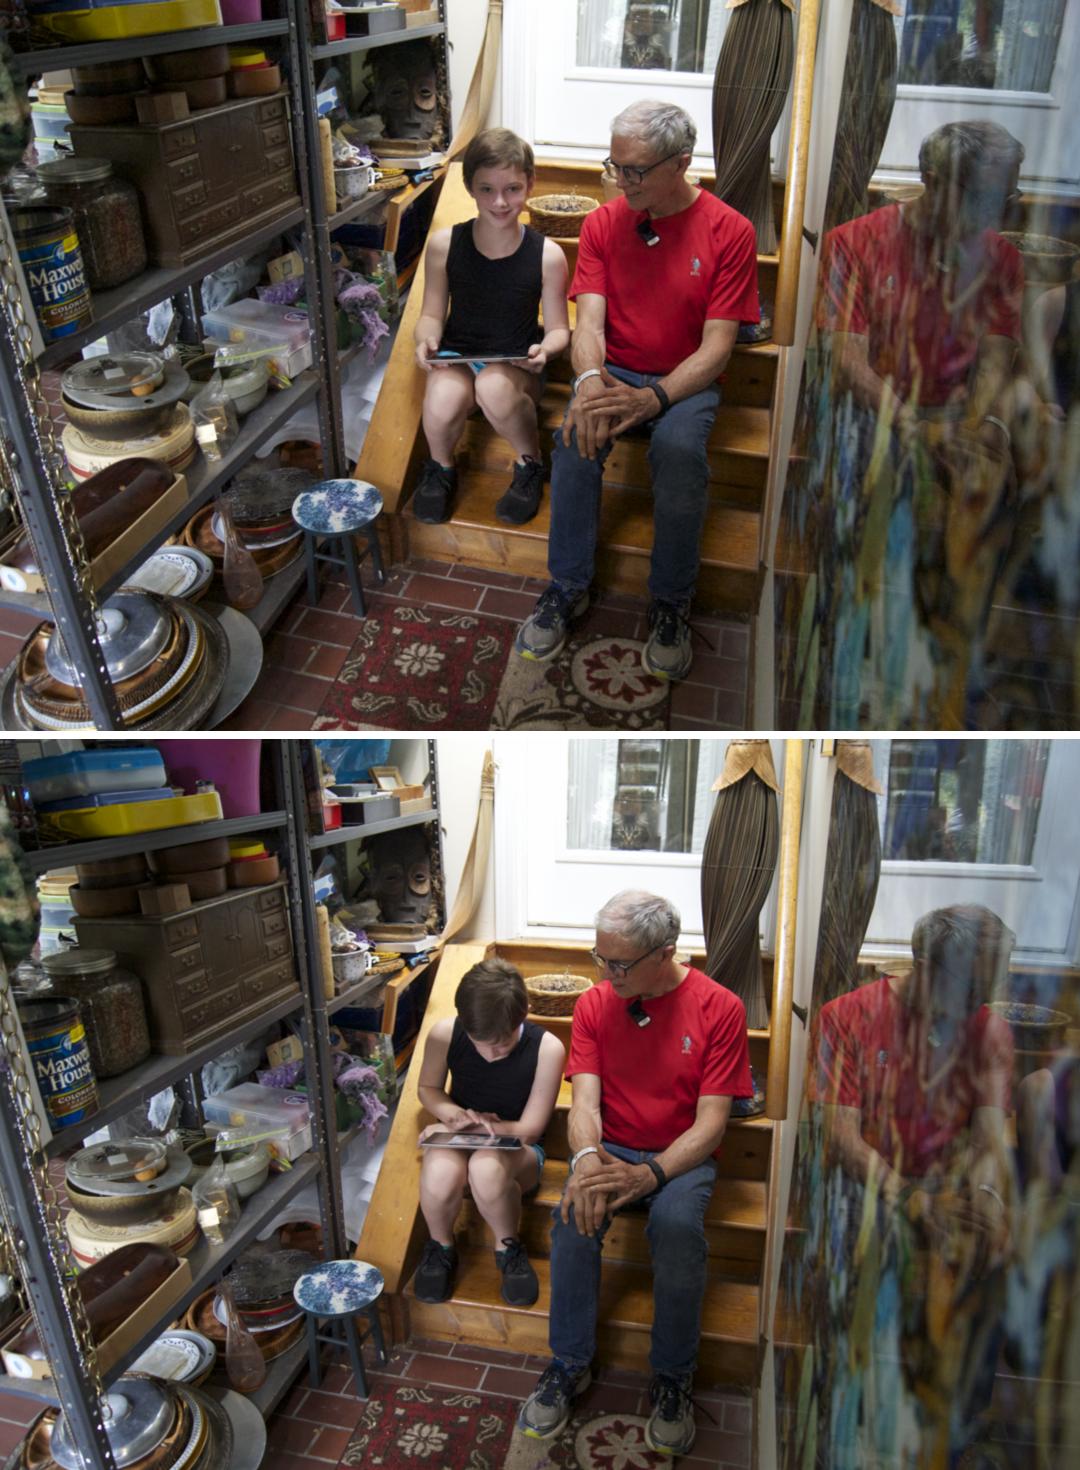 Artist Stephen Calhoun's studio